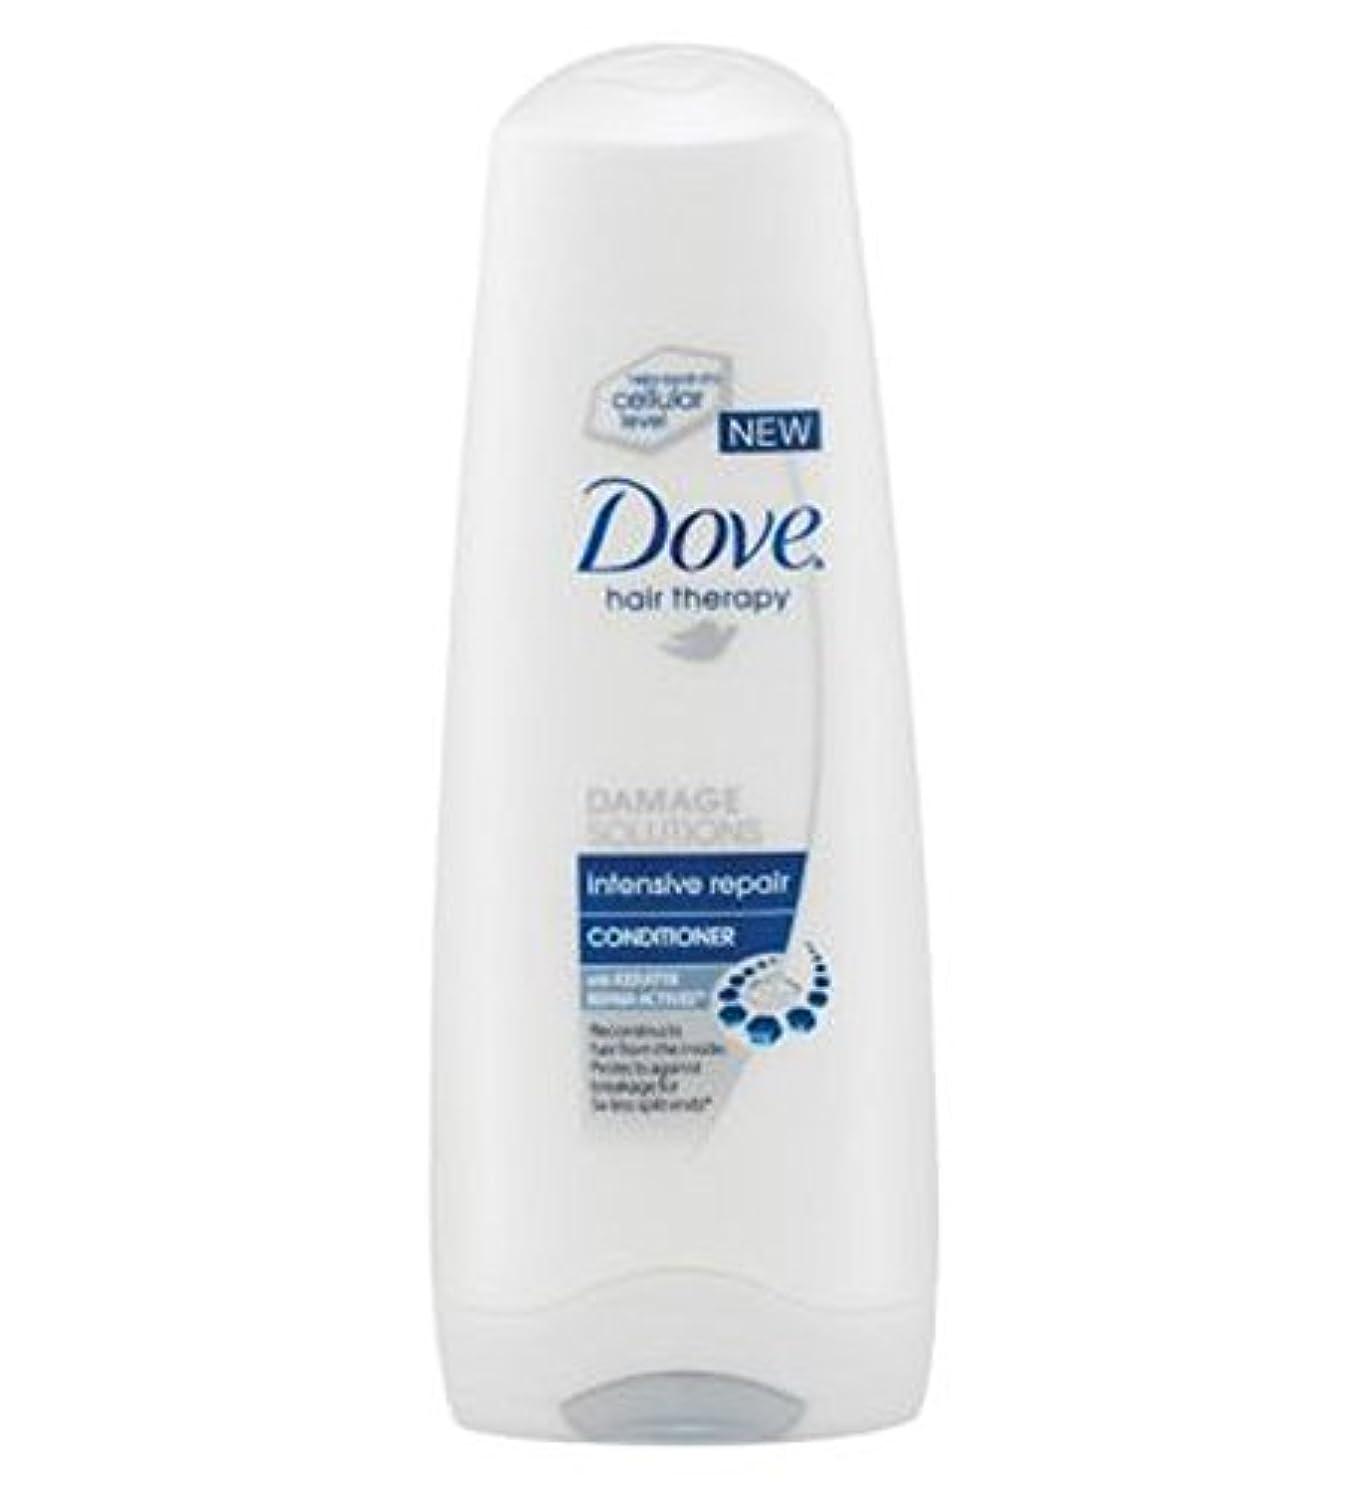 石灰岩ロケット黒人Dove Intensive Repair Conditioner 200ml - 鳩の集中リペアコンディショナー200Ml (Dove) [並行輸入品]